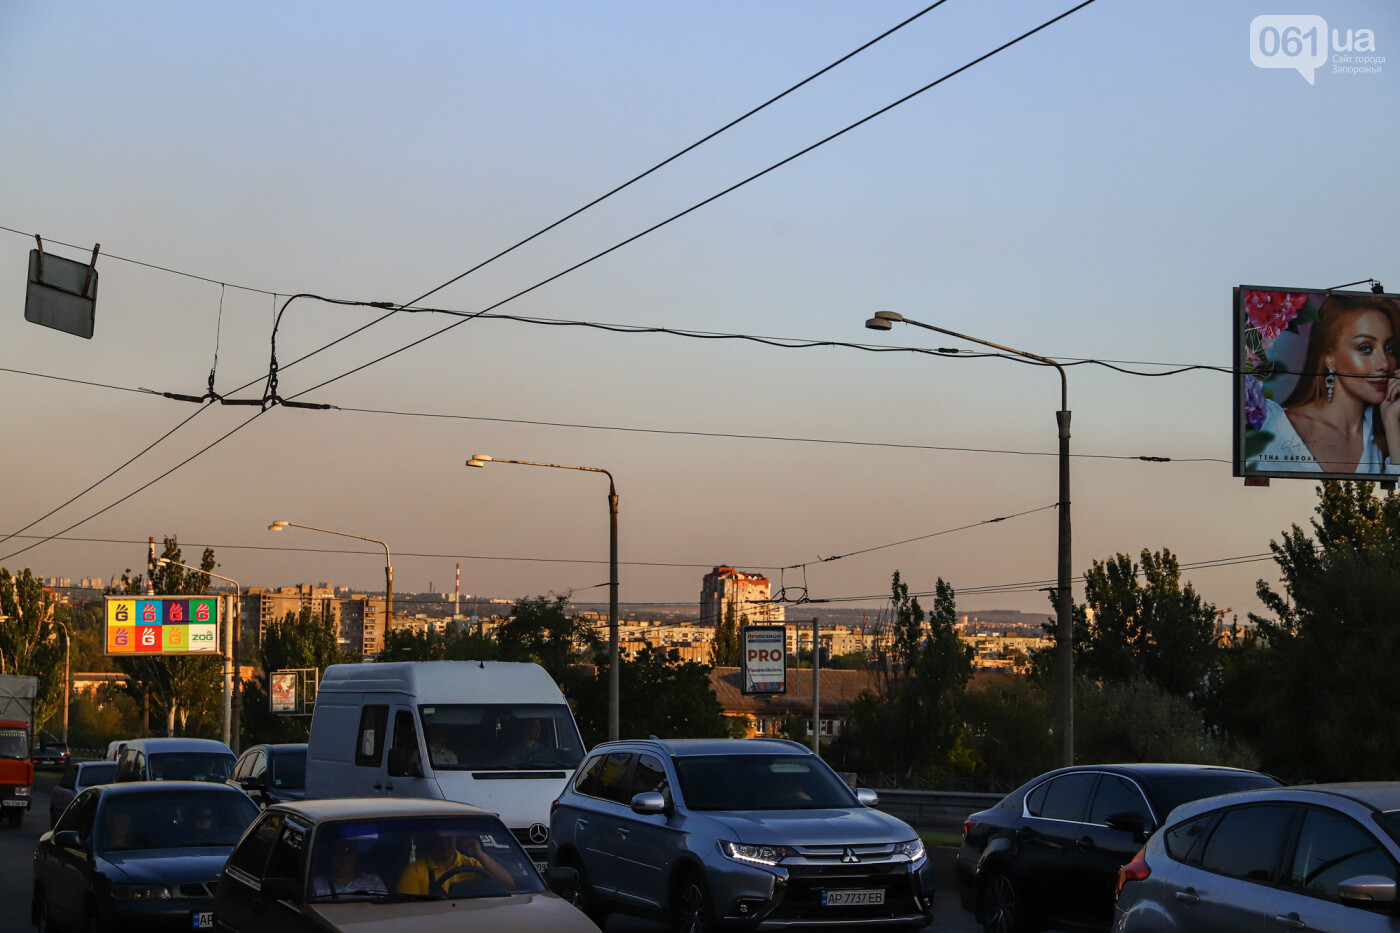 Запорожцы выйдут на митинг за чистый воздух - 10 фото о том, почему, фото-3